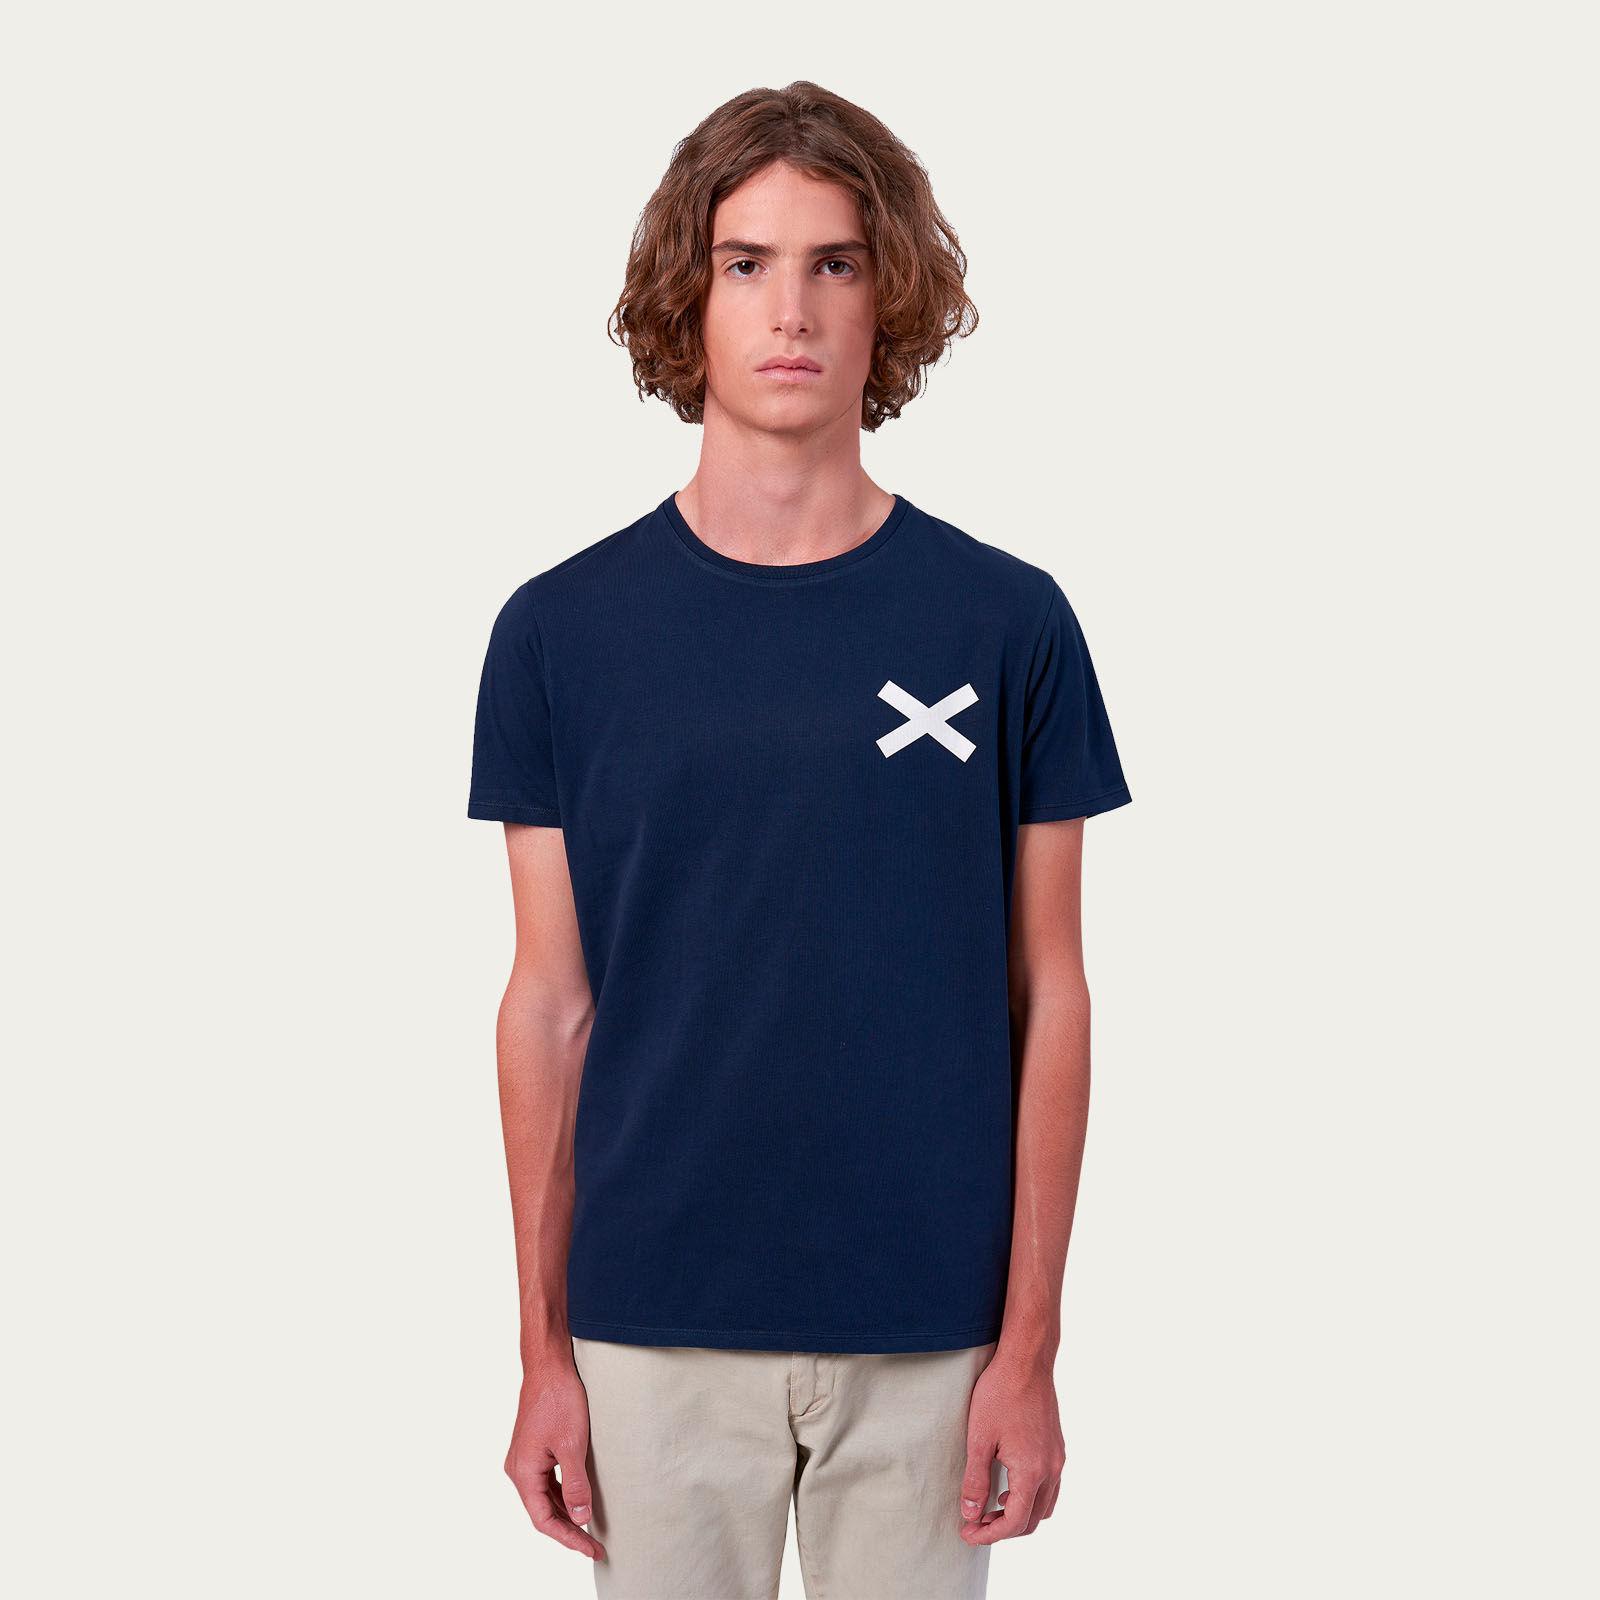 Plain Navy Cross Tee-shirt | Bombinate